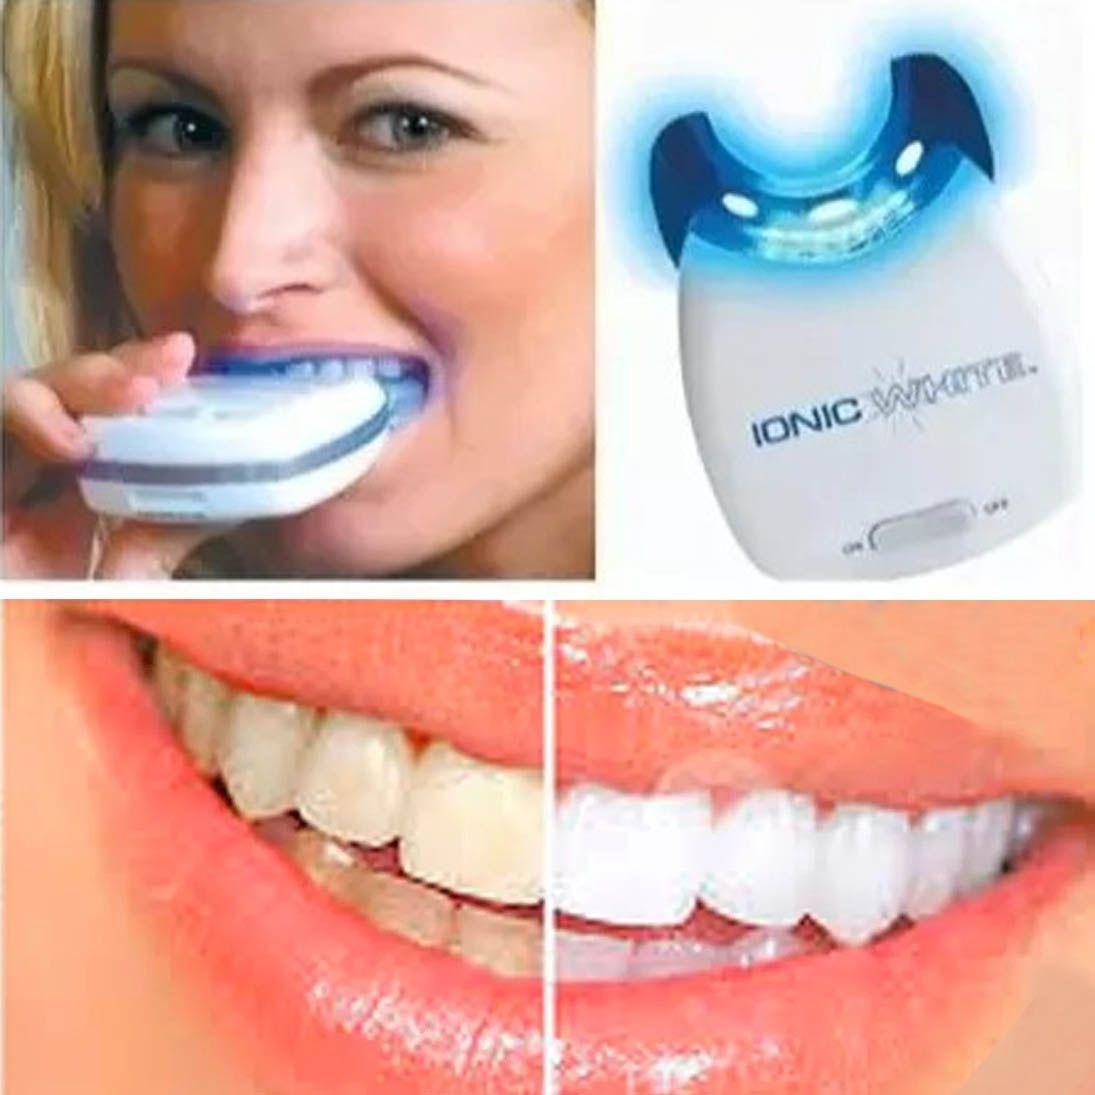 Clareador Dental Branqueamento Dente Branco Dentario R 65 90 Em